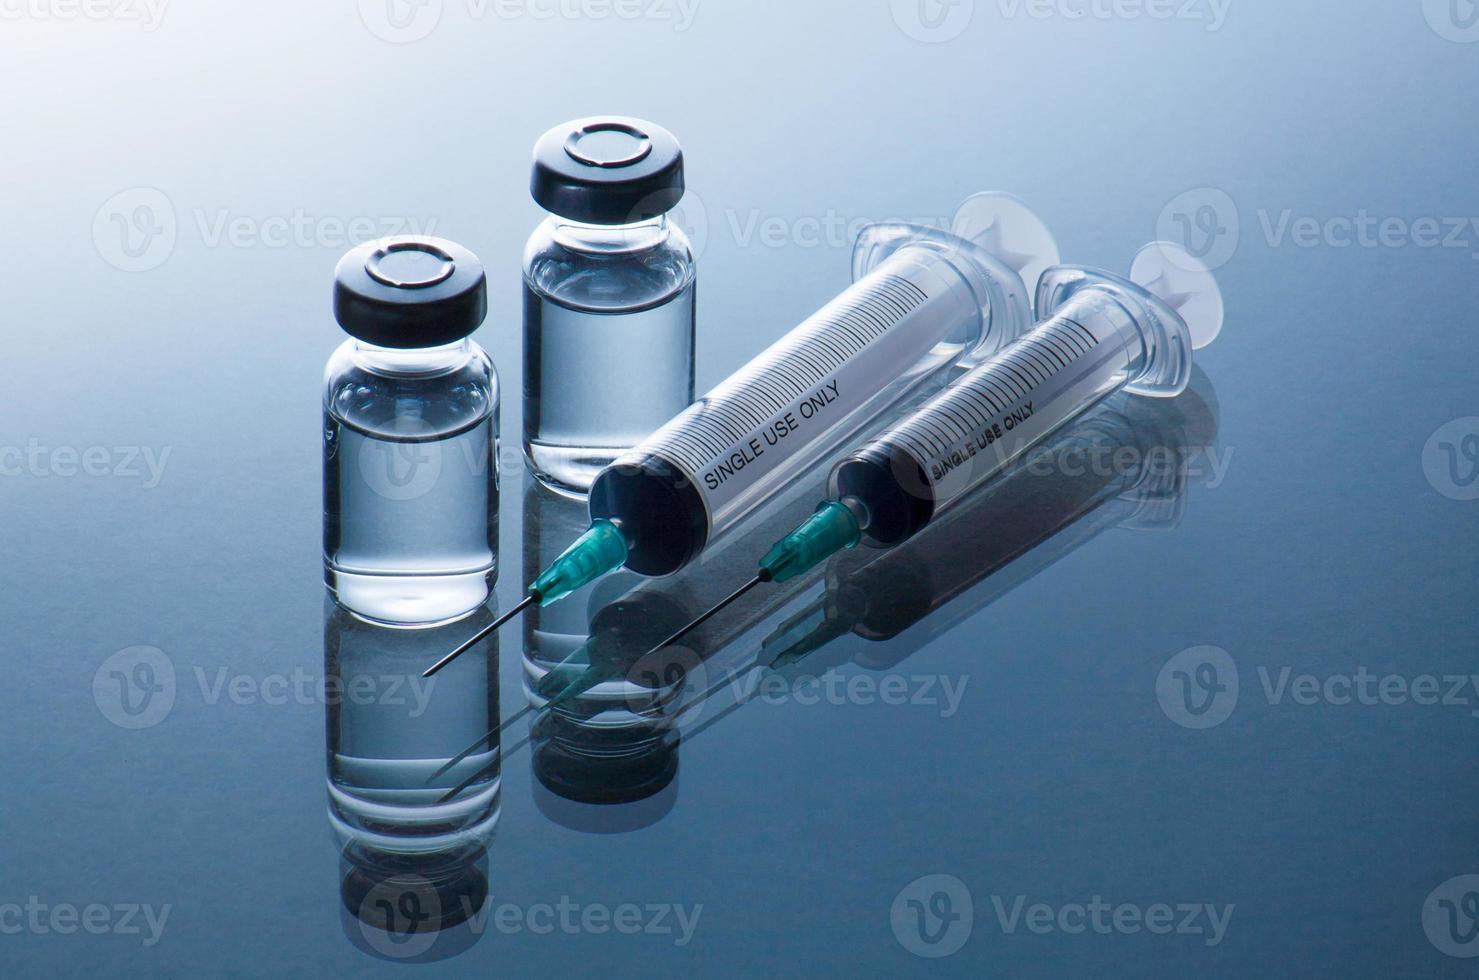 ampoules médicales et seringue sur fond bleu photo